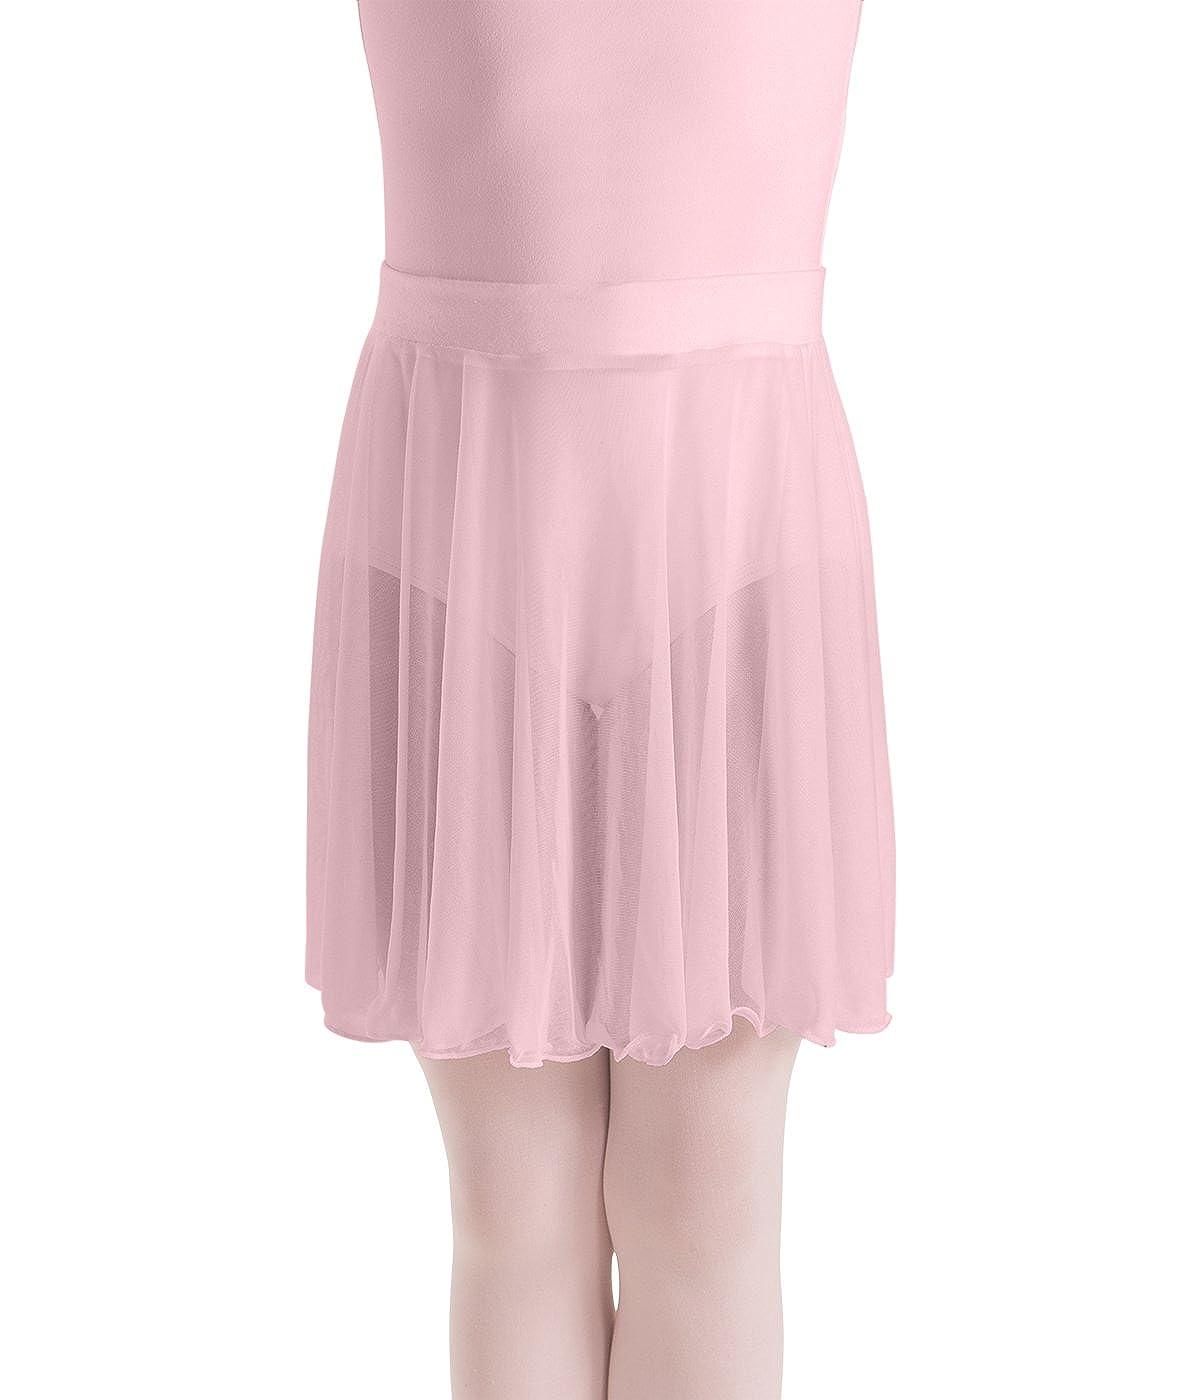 【爆売りセール開催中!】 Motionwear SKIRT レディース ピンク B000E99ZQW レディース Small|ピンク Small ピンク Small, 四万十清流農場:e8e84f8b --- a0267596.xsph.ru